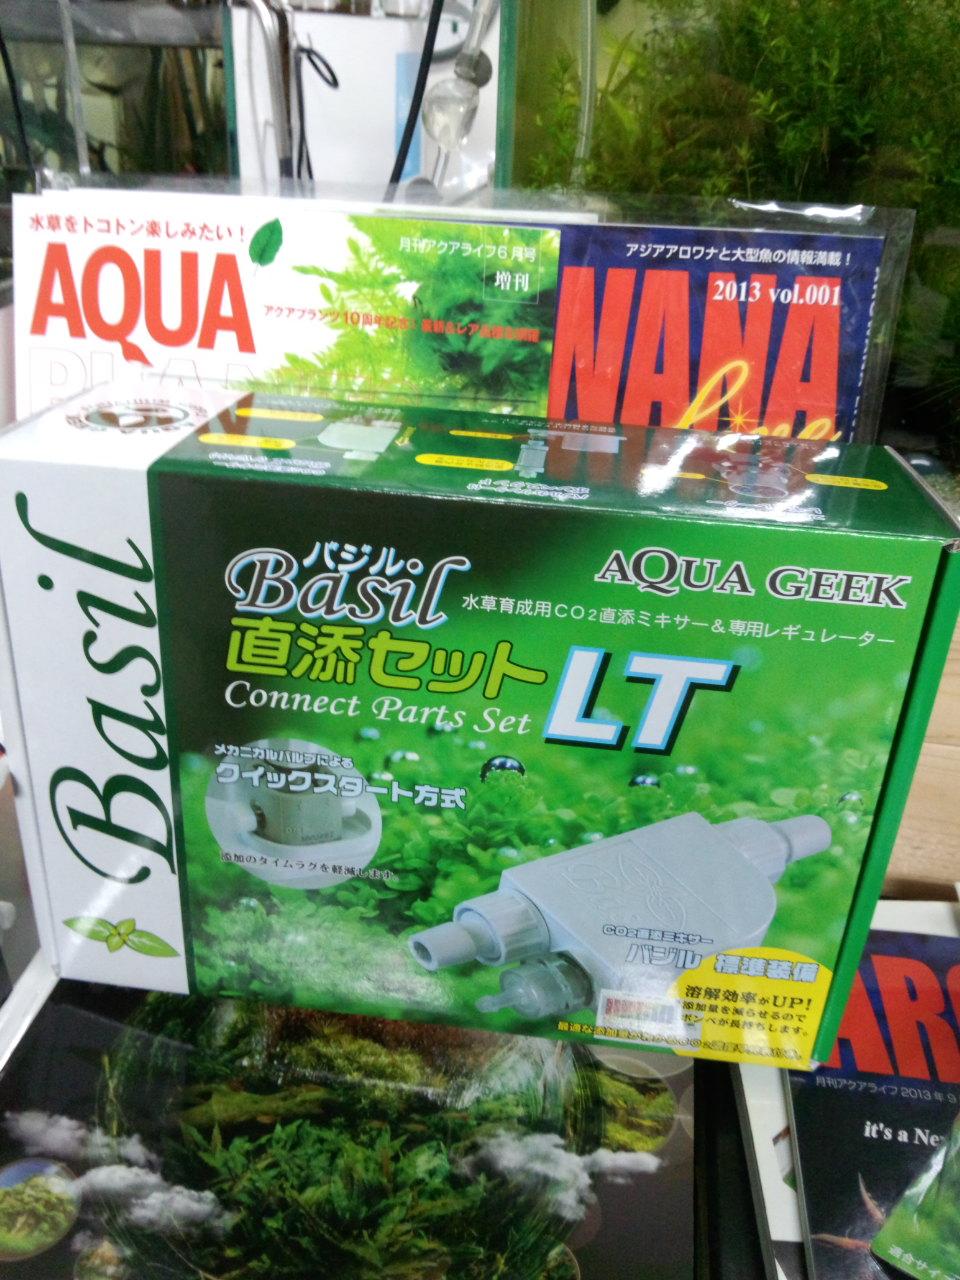 アクアギーク製CO2関連商品取り扱い始めました!_b0141806_1504724.jpg